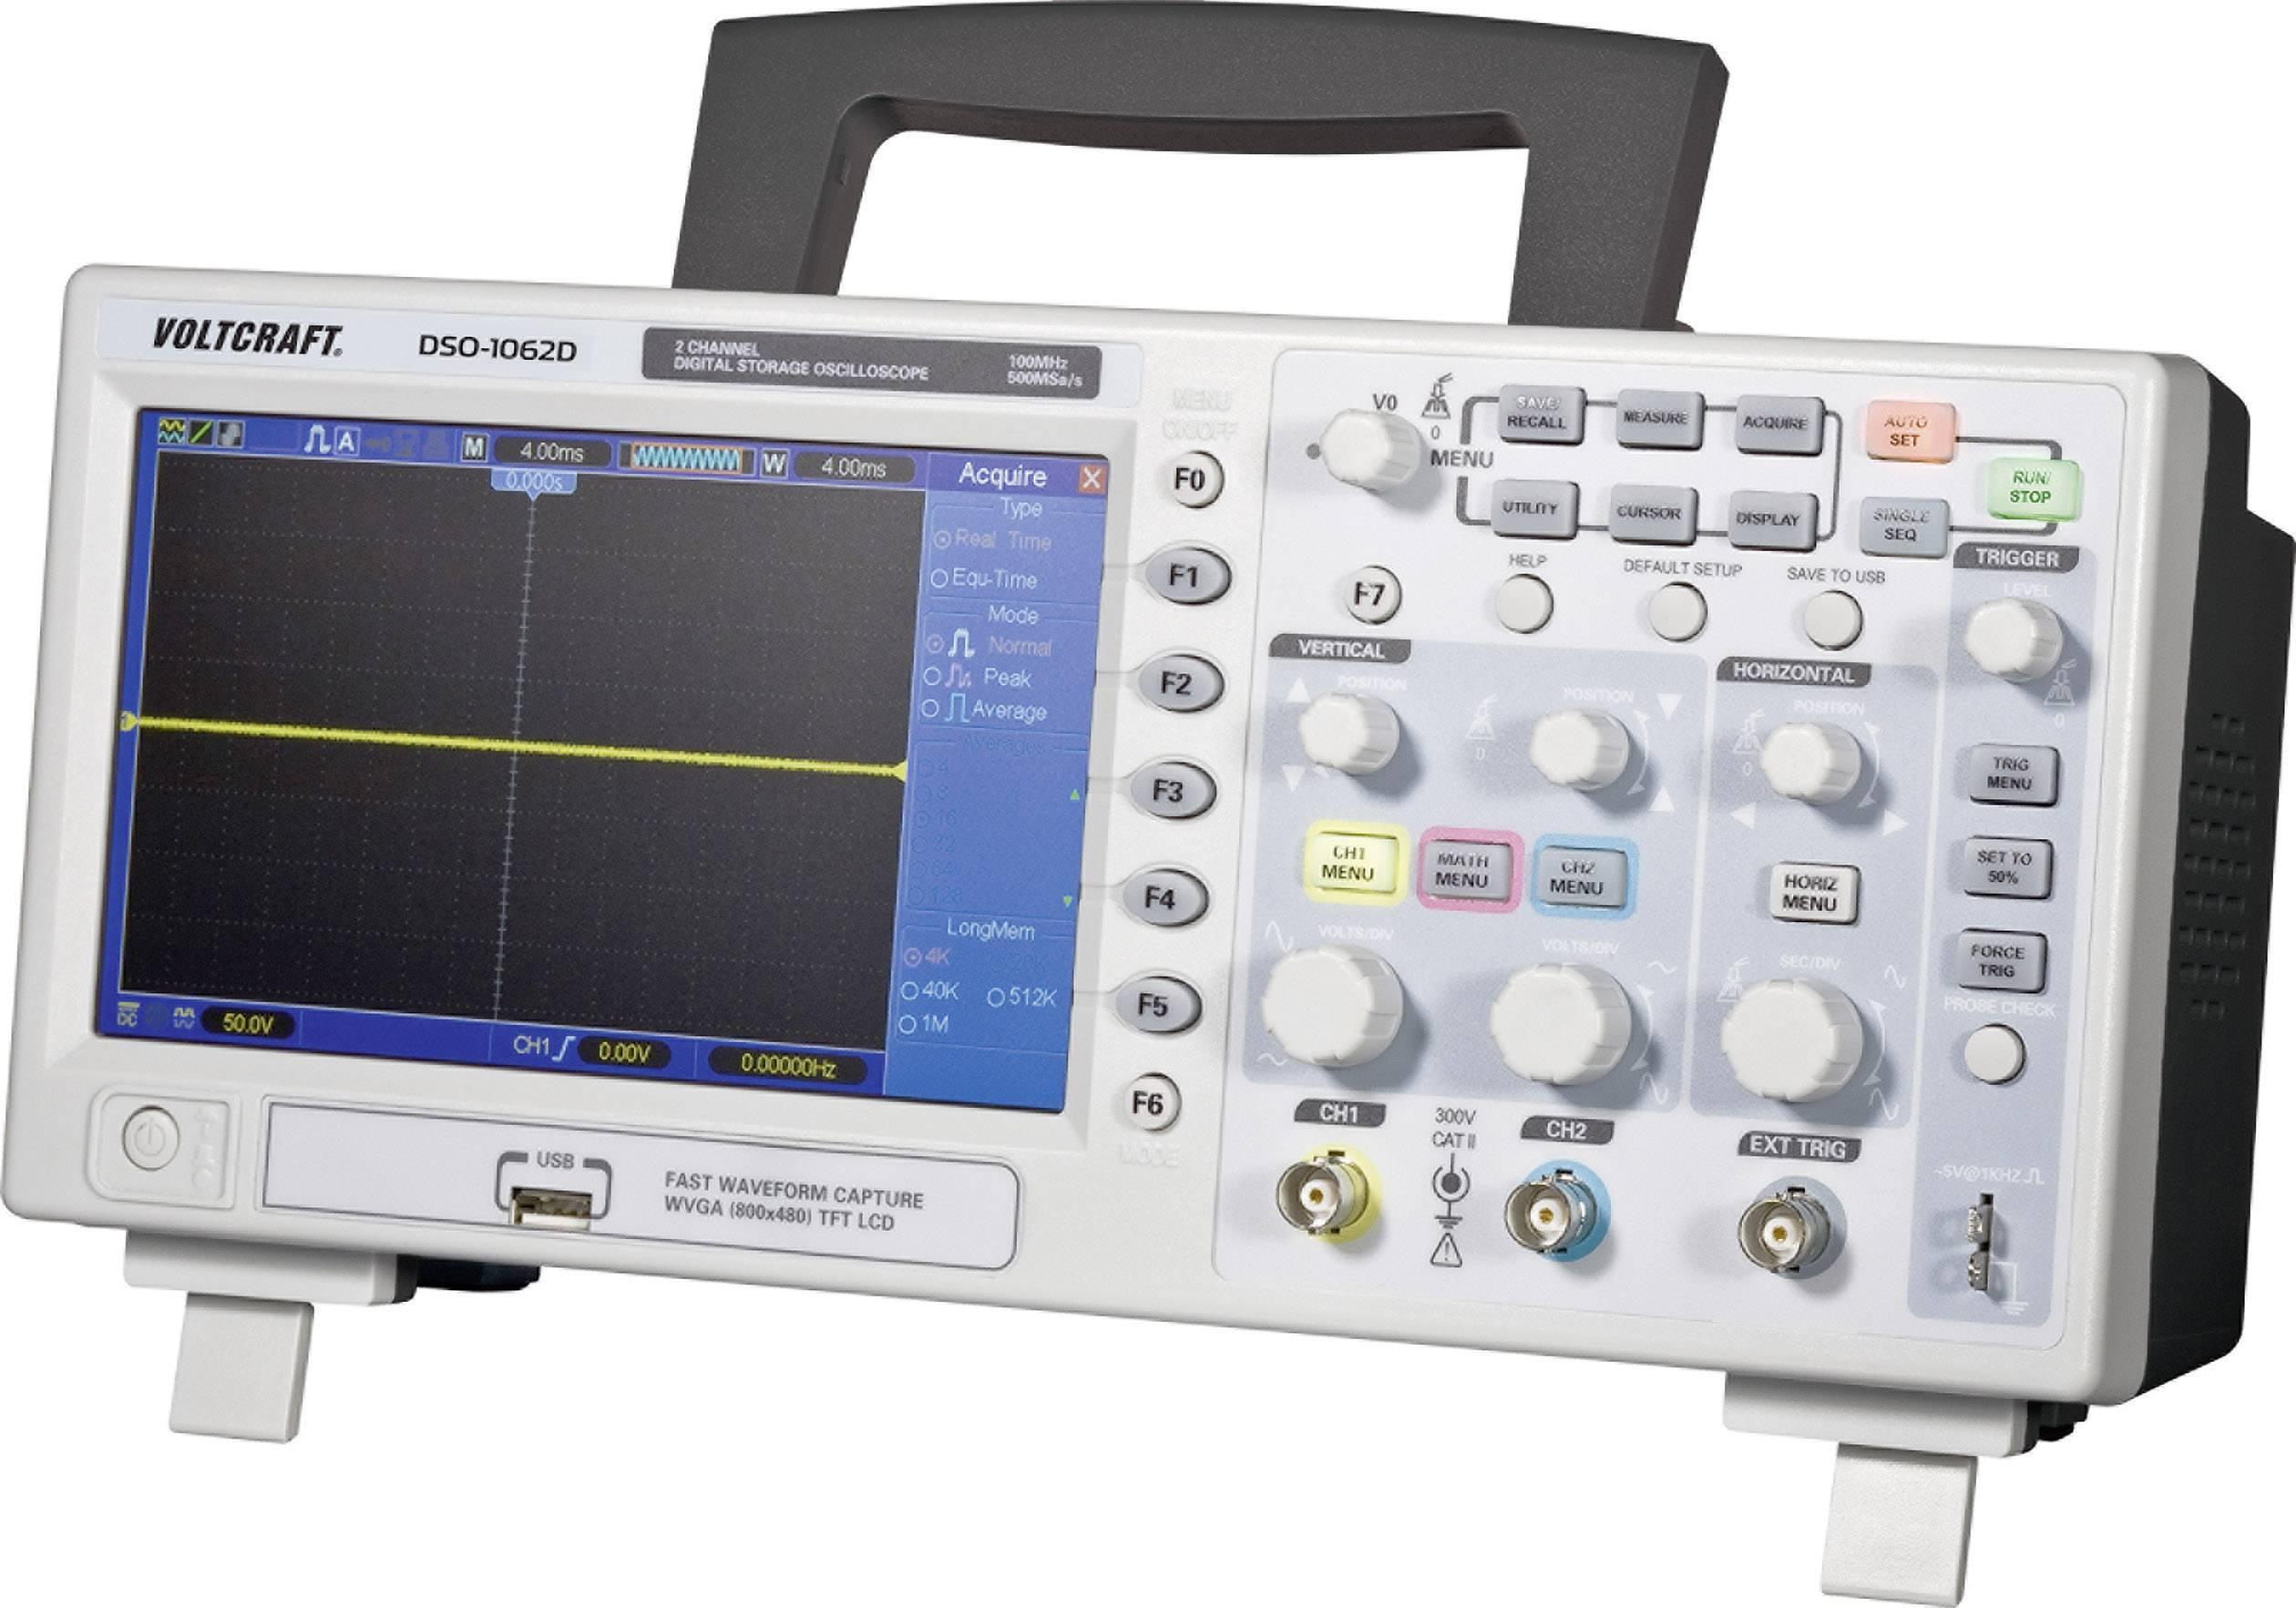 Digitálny osciloskop Voltcraft DSO-1062D, 2 kanály, 60 Mhz